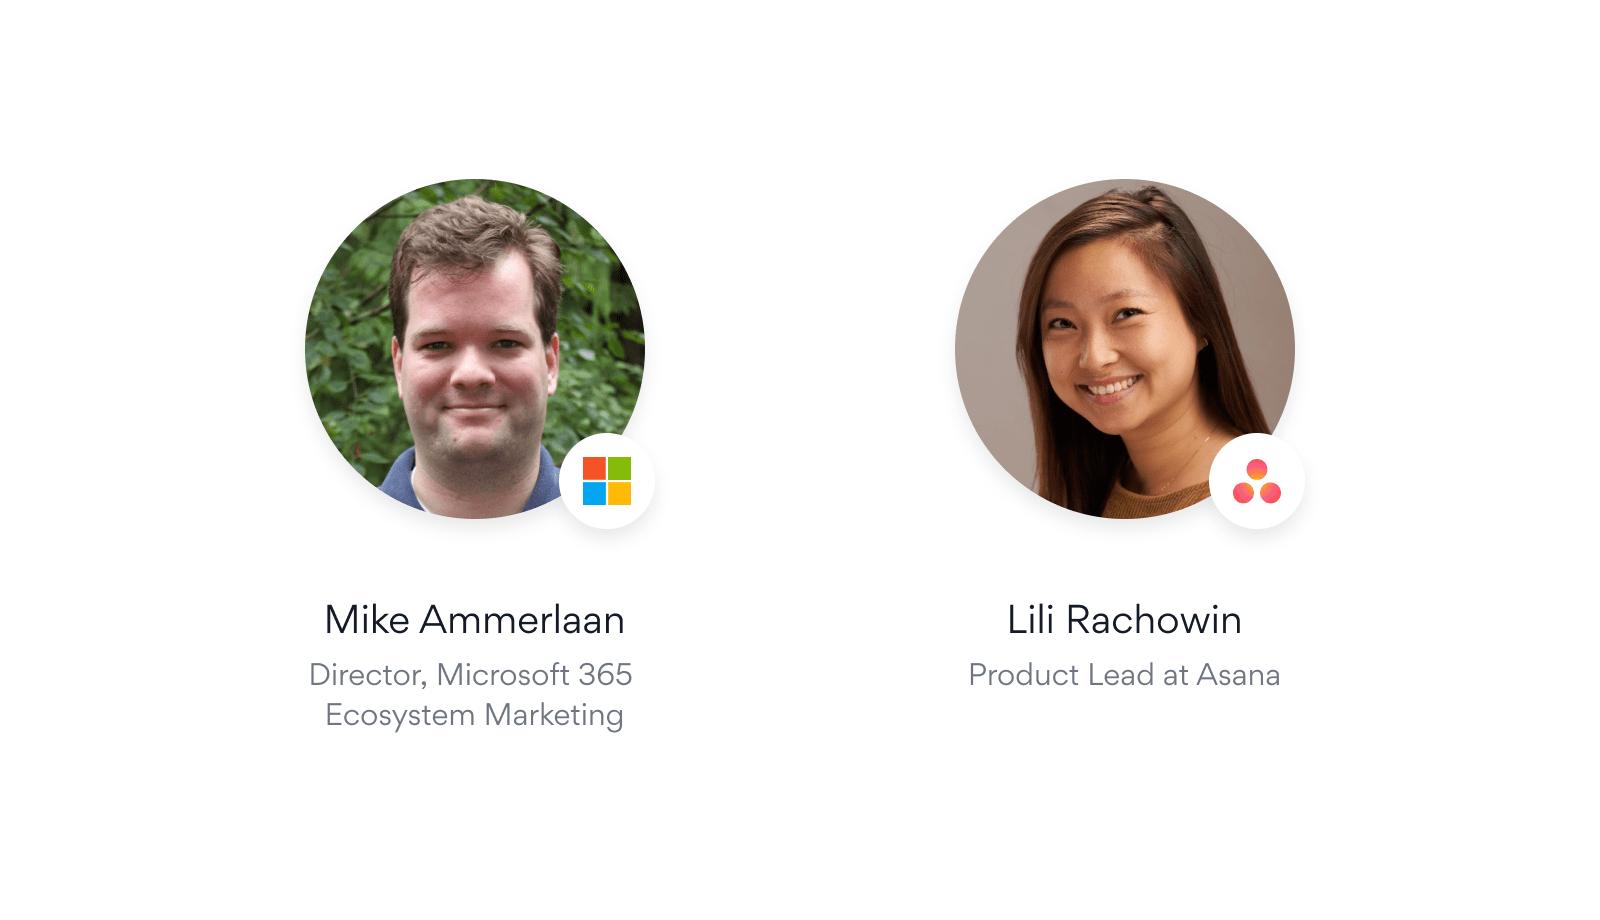 Asana et Microsoft: 4analyses sur le rôle de l'IA et l'avenir du travail